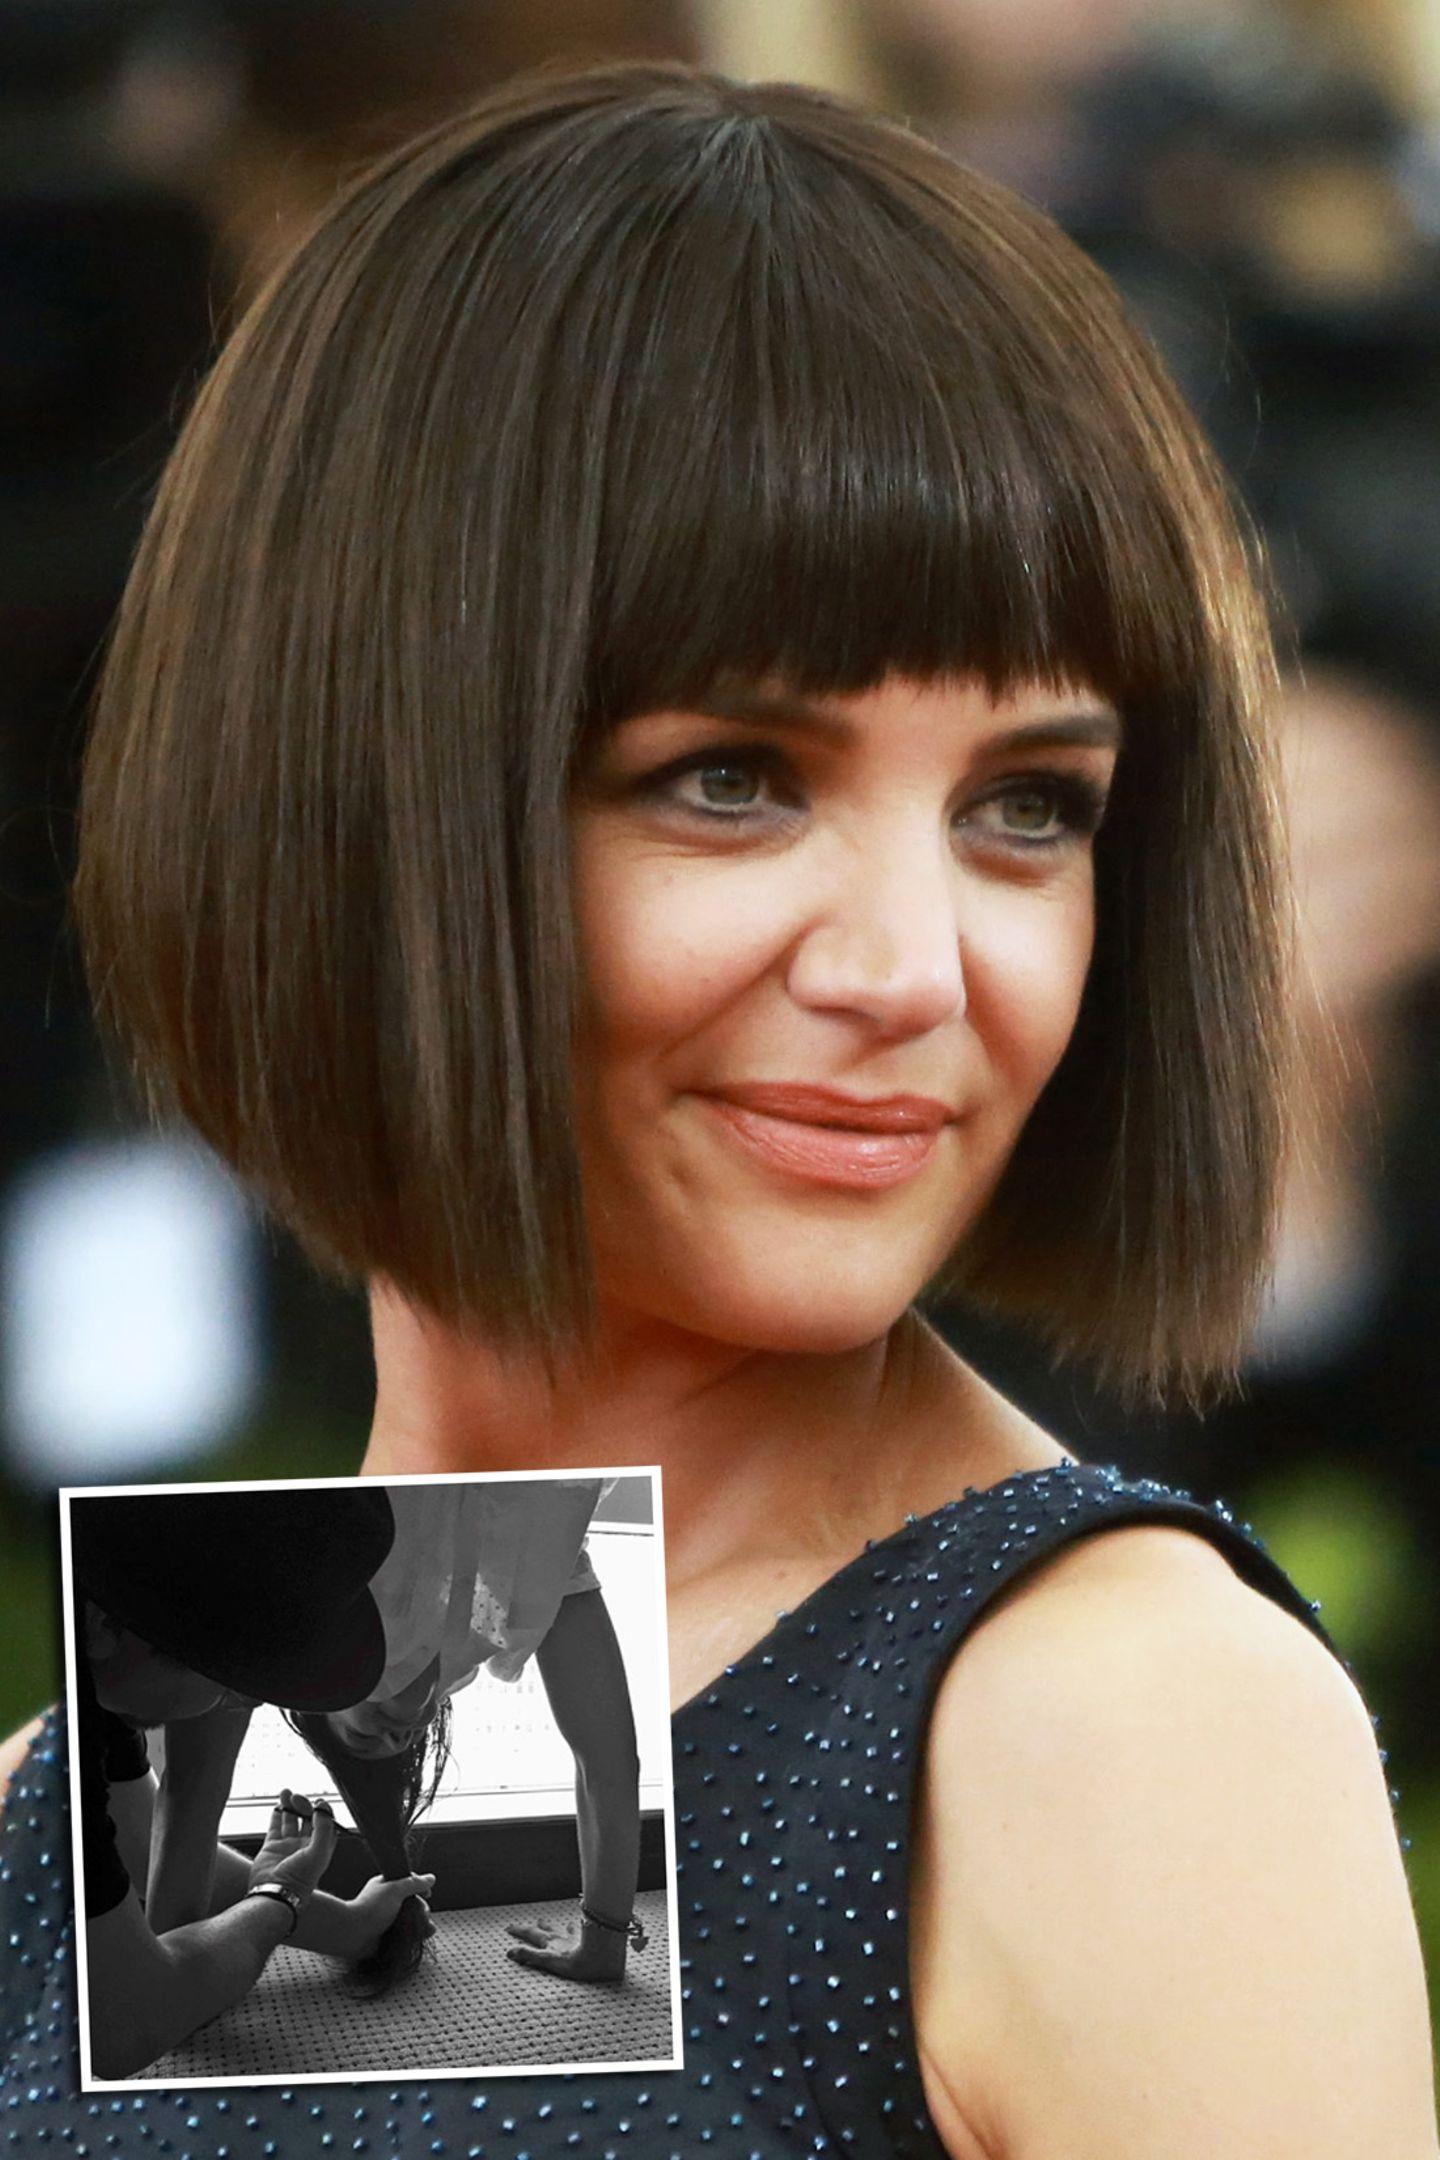 Ist der Bob nun echt, oder ist es eine Perücke? Das fragten sich die Gäste der Met Gala 2015 in New York. Mit gestellten Fotos, auf denen ihre Haare scheinbar gechnitten werden, sorgte Katie Holmes für Aufruhr. Aber... sie trägt tatsächlich eine Perücke. Eine so gute allerdings, dass man dreimal hinschauen muss.